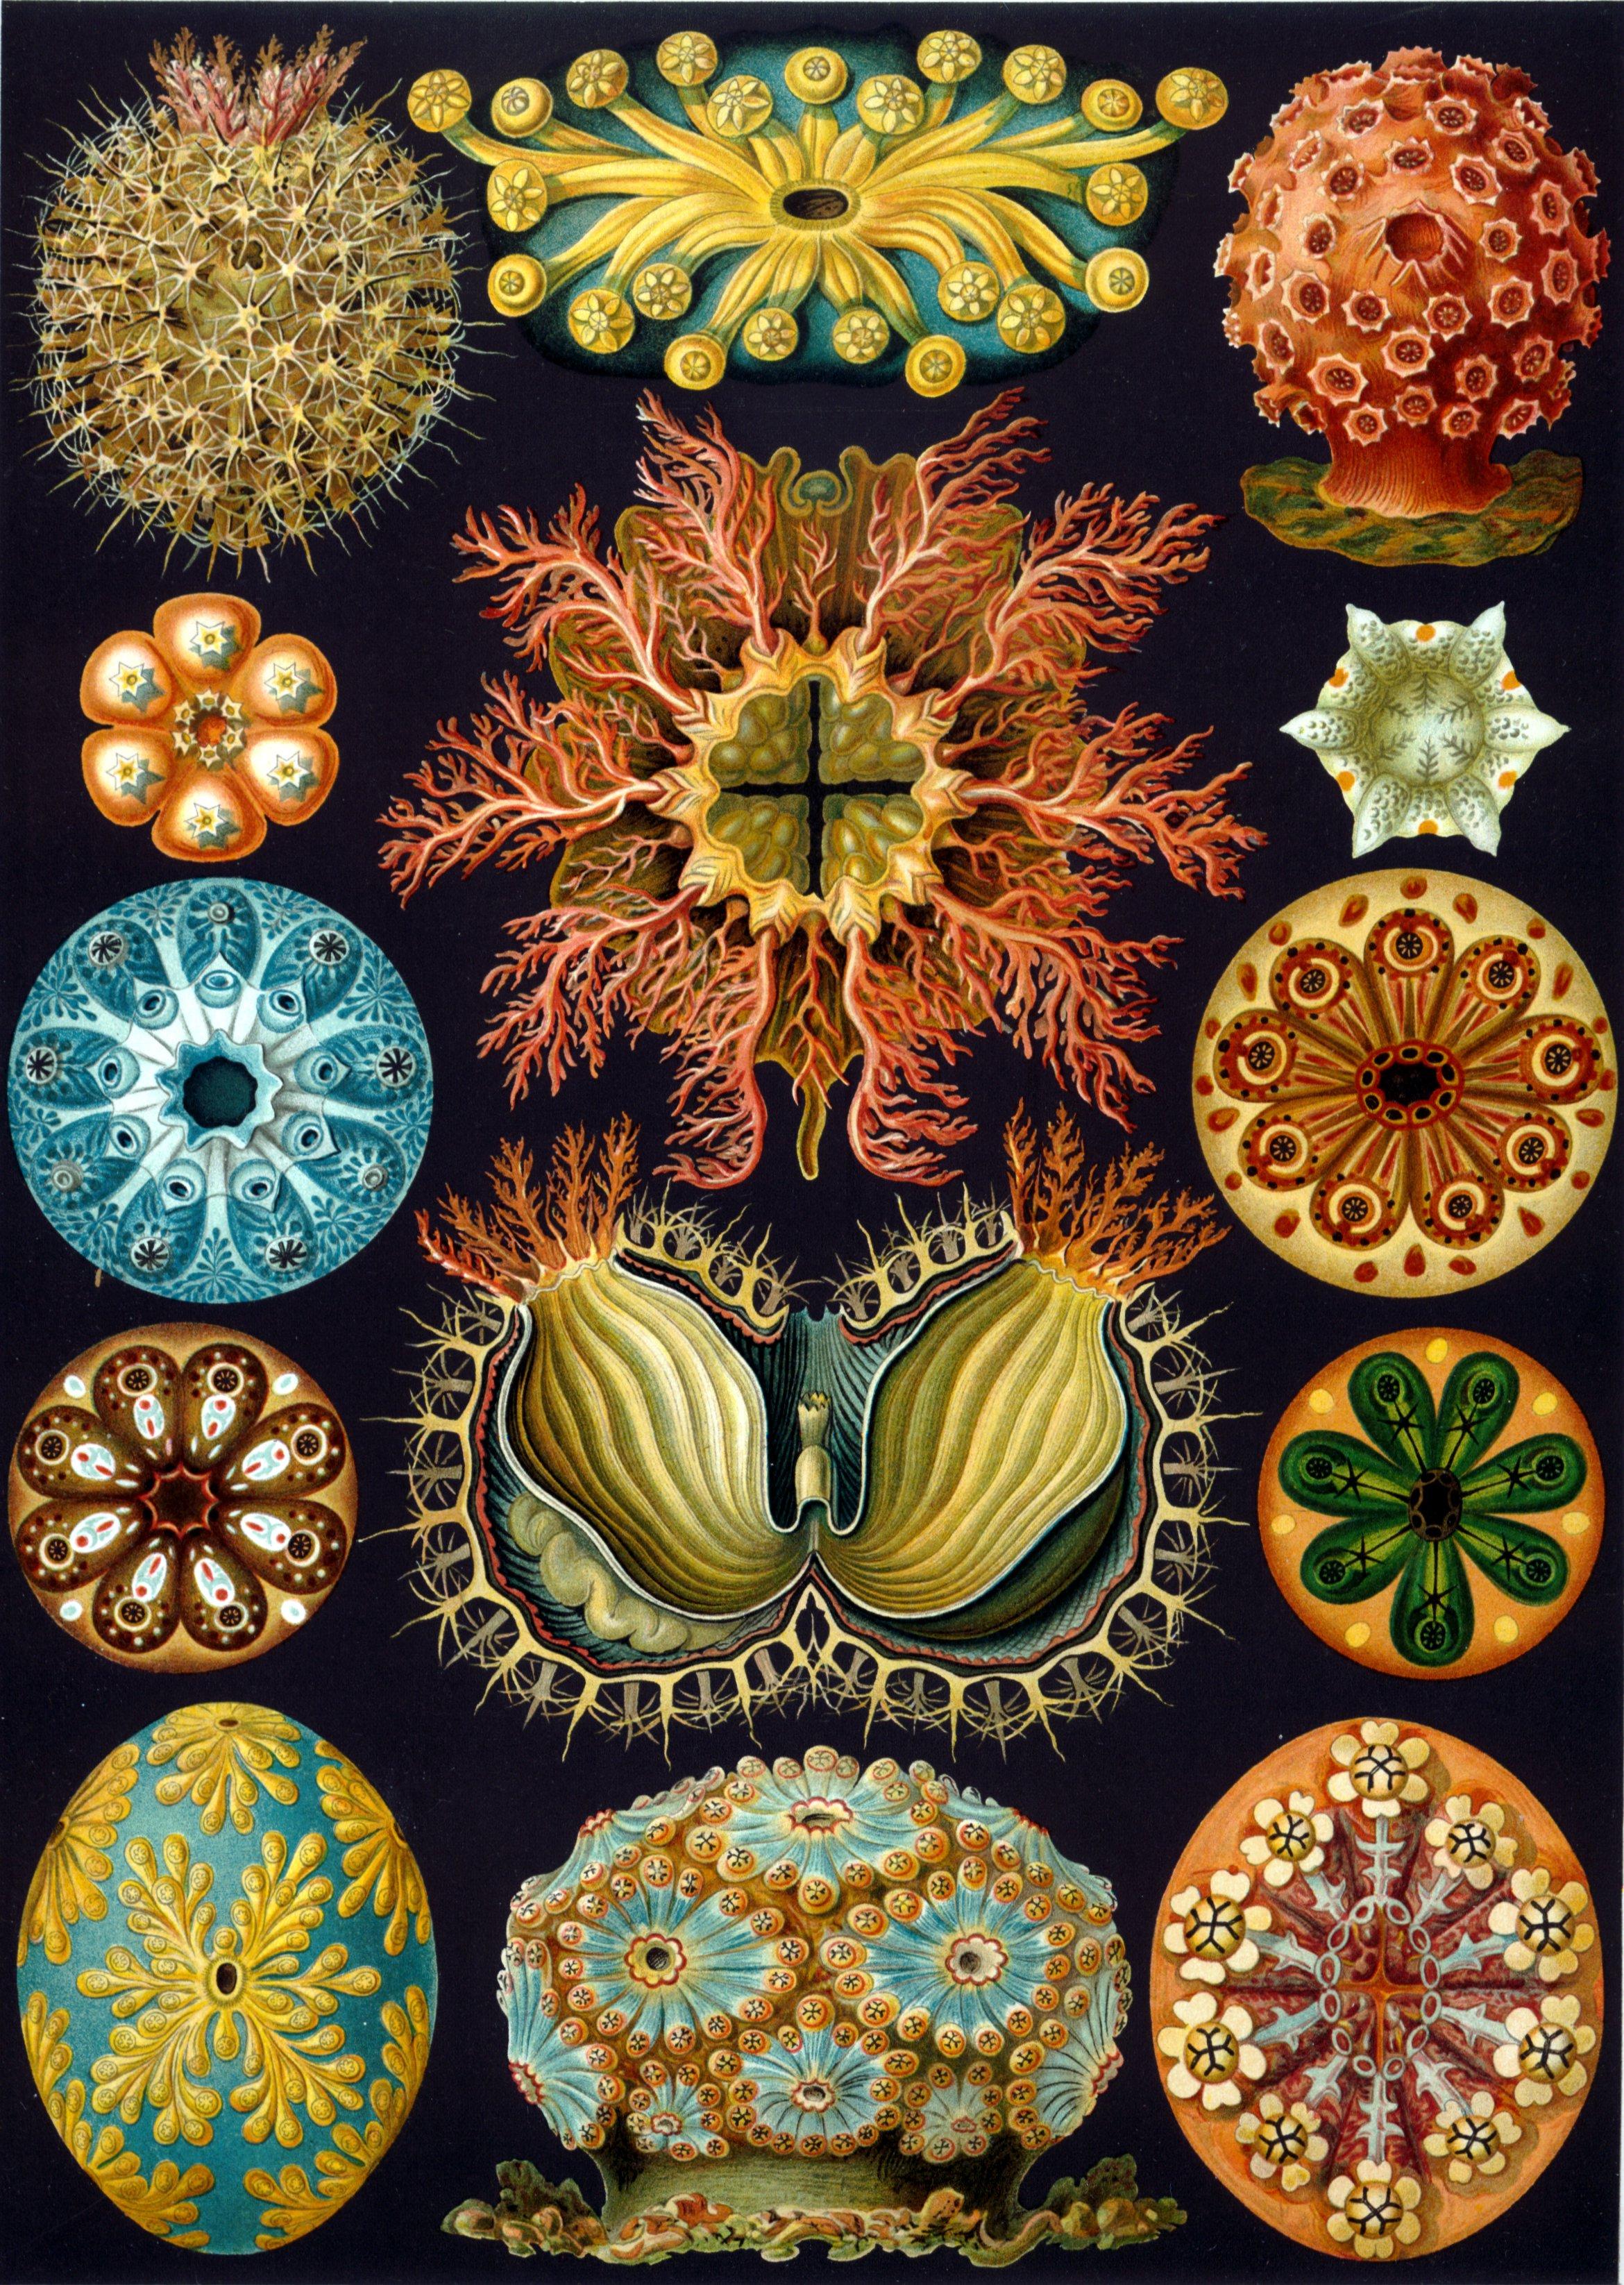 Évolutionnisme et modèles d'interdisciplinarité:  Haeckel, Quinet, Symonds et Spencer